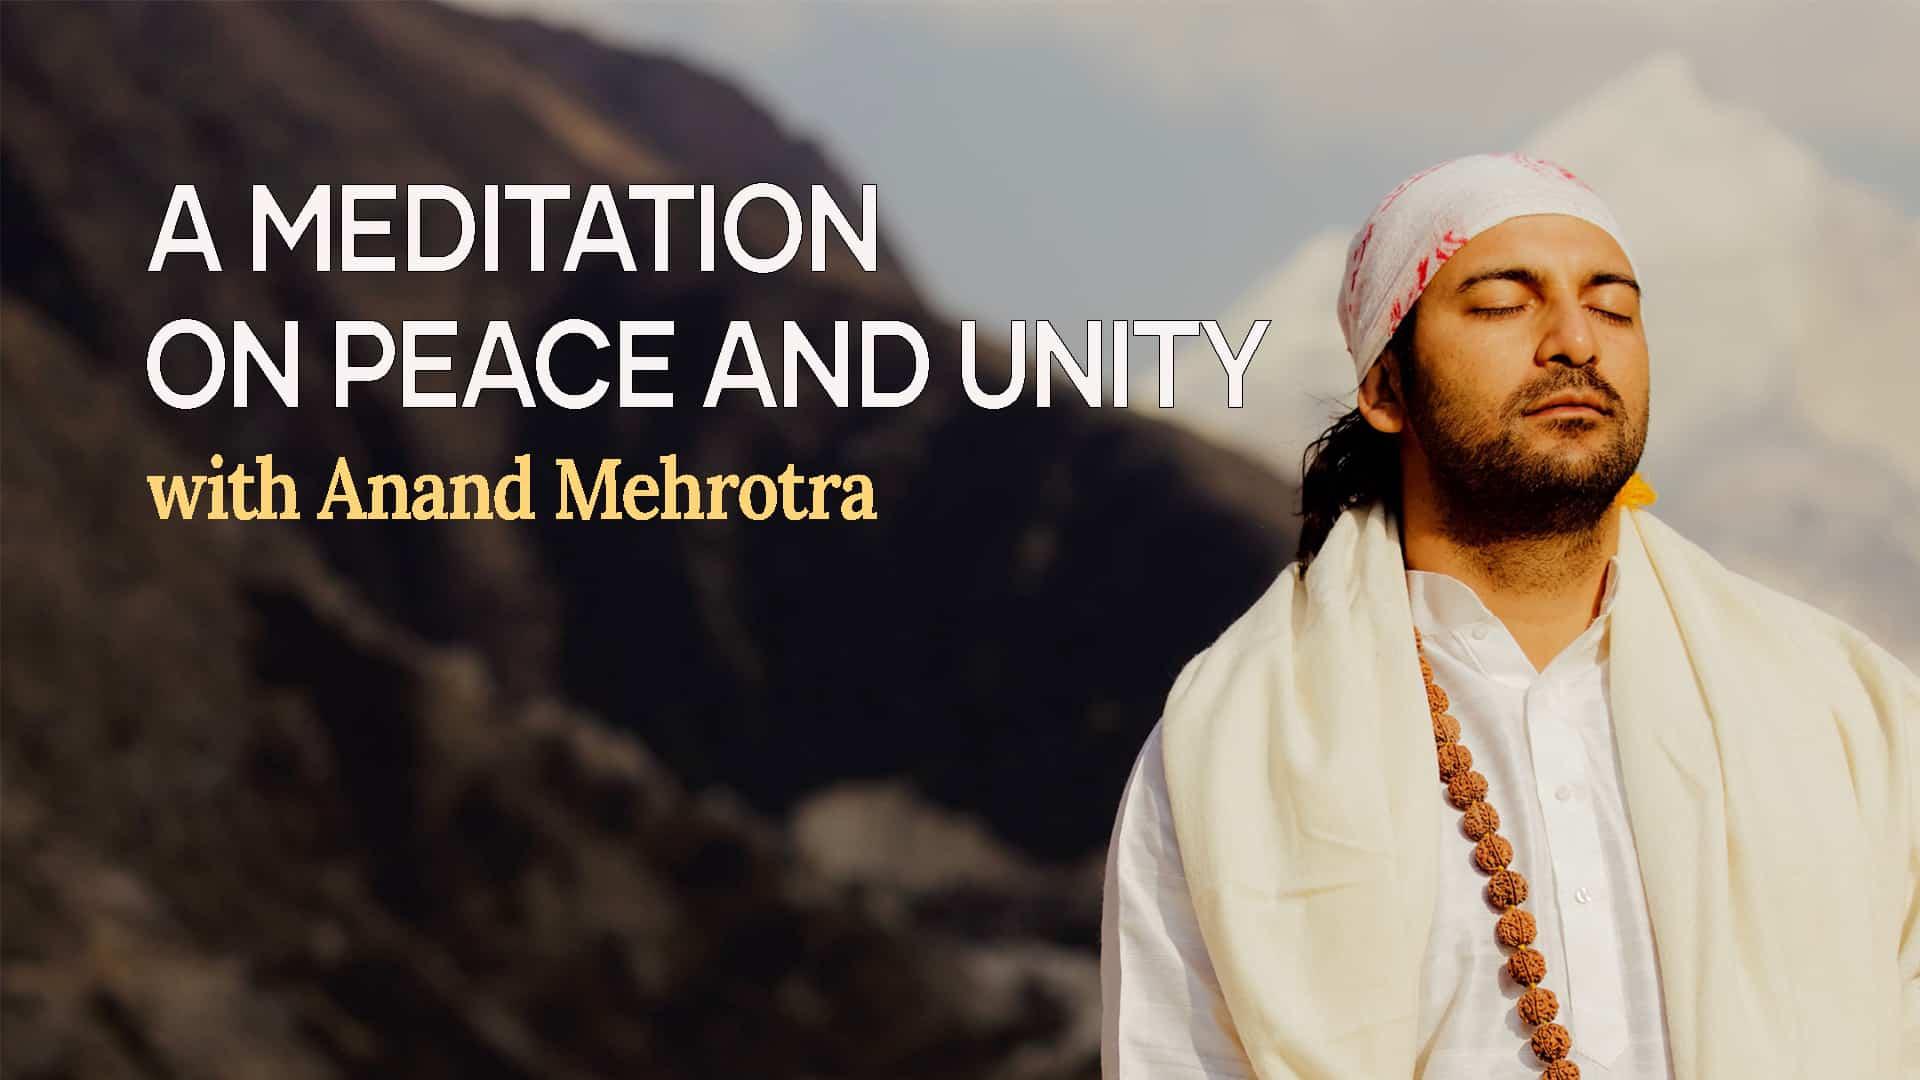 Anand Mehrotra Meditation